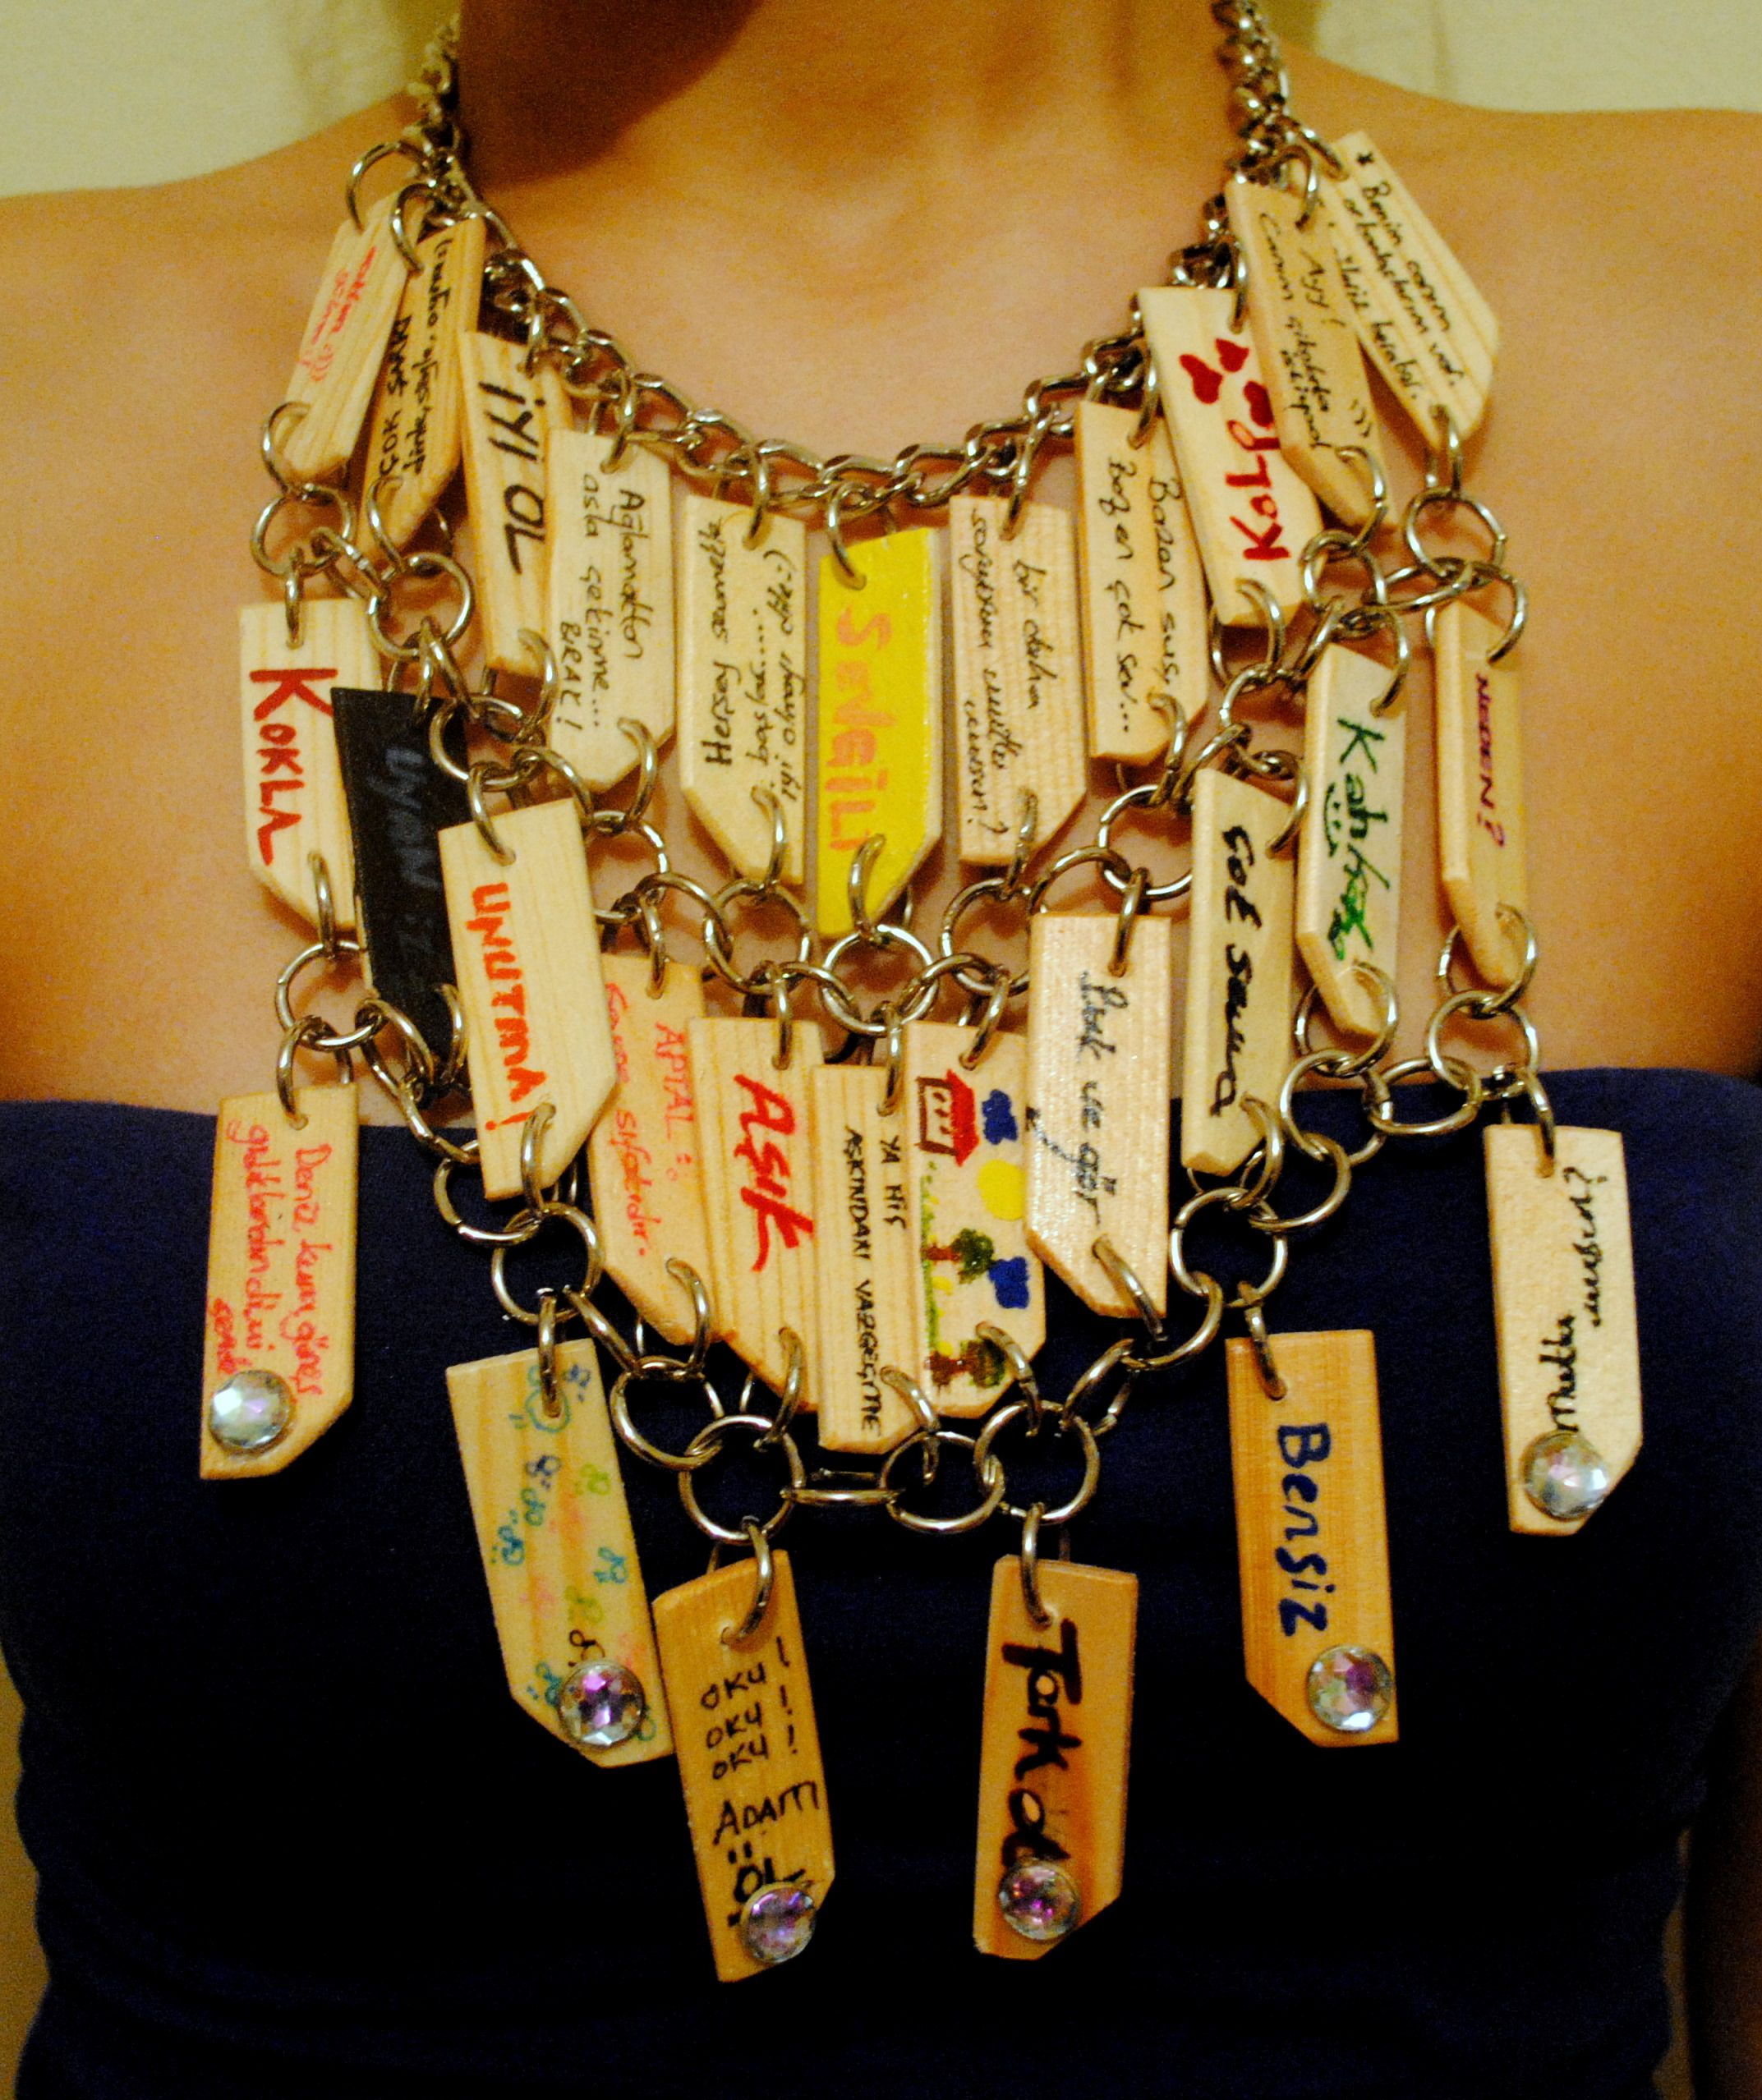 'İman tahtası' ahşap kolyem (my design wood necklace)